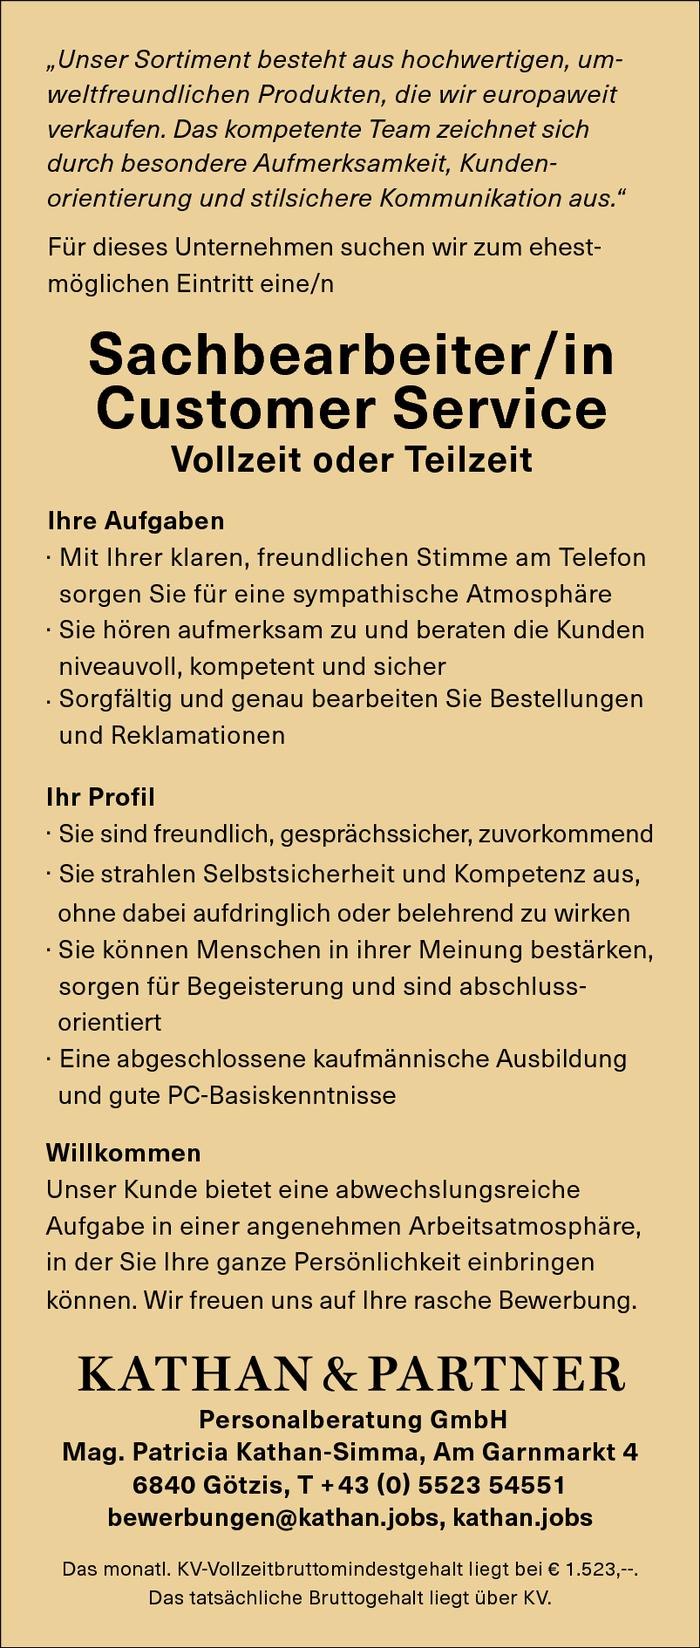 Großartig Karriereziel Für Lebenslauf Für Mba Frischer Im ...